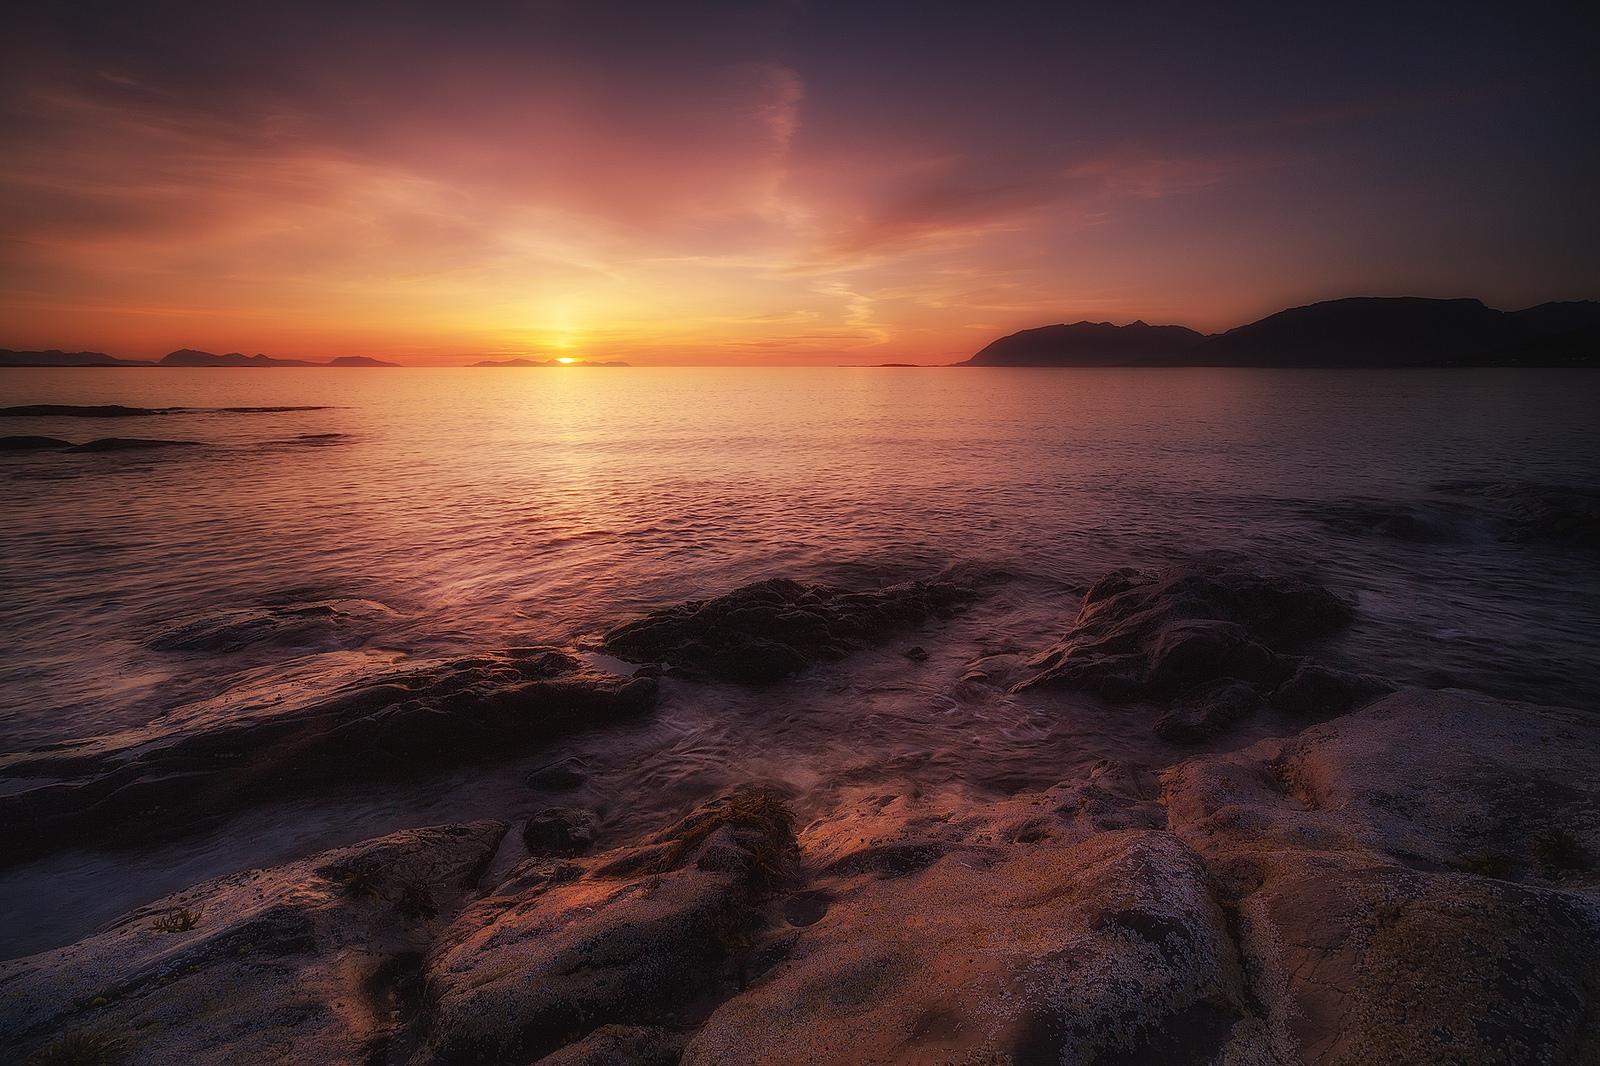 Puesta de sol en playa - 1600x1066